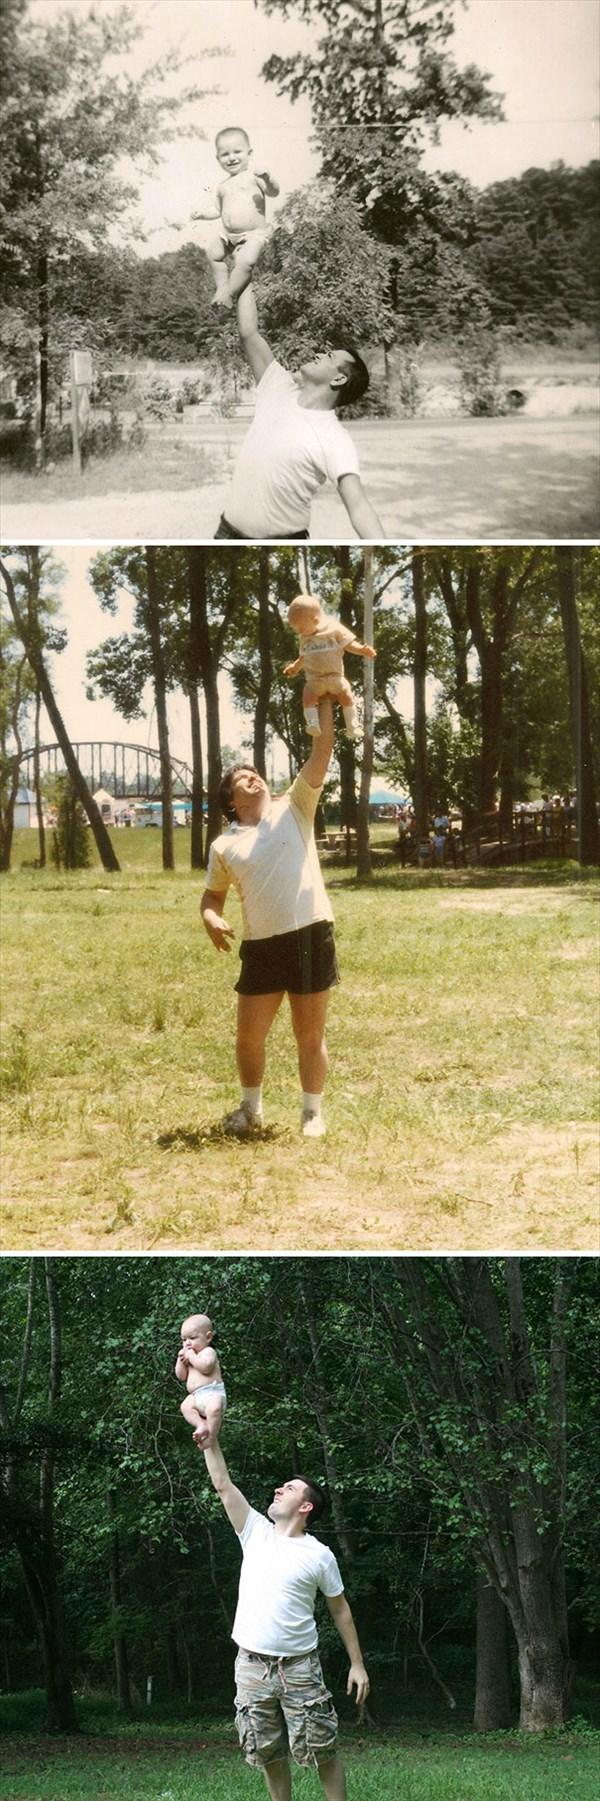 祖父母の写真を再現16